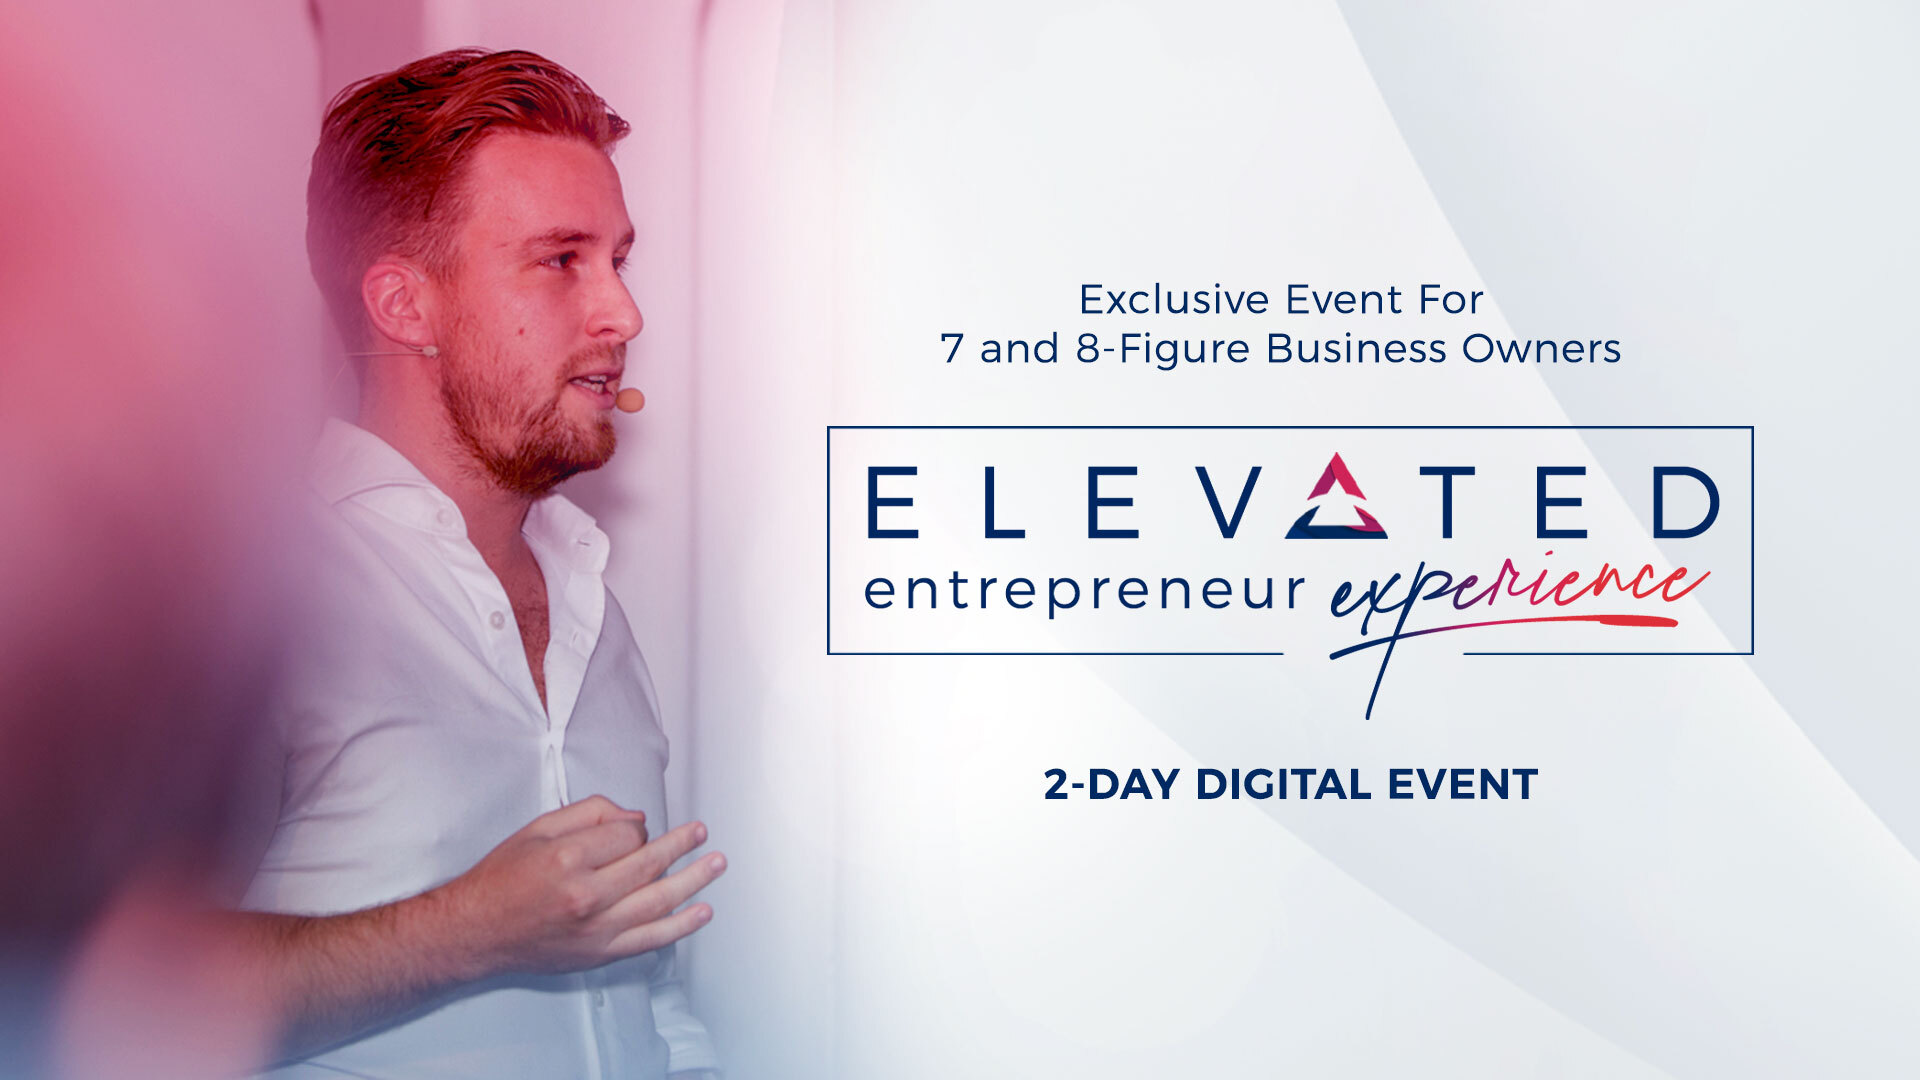 TheElevatedEntrepreneurExperience